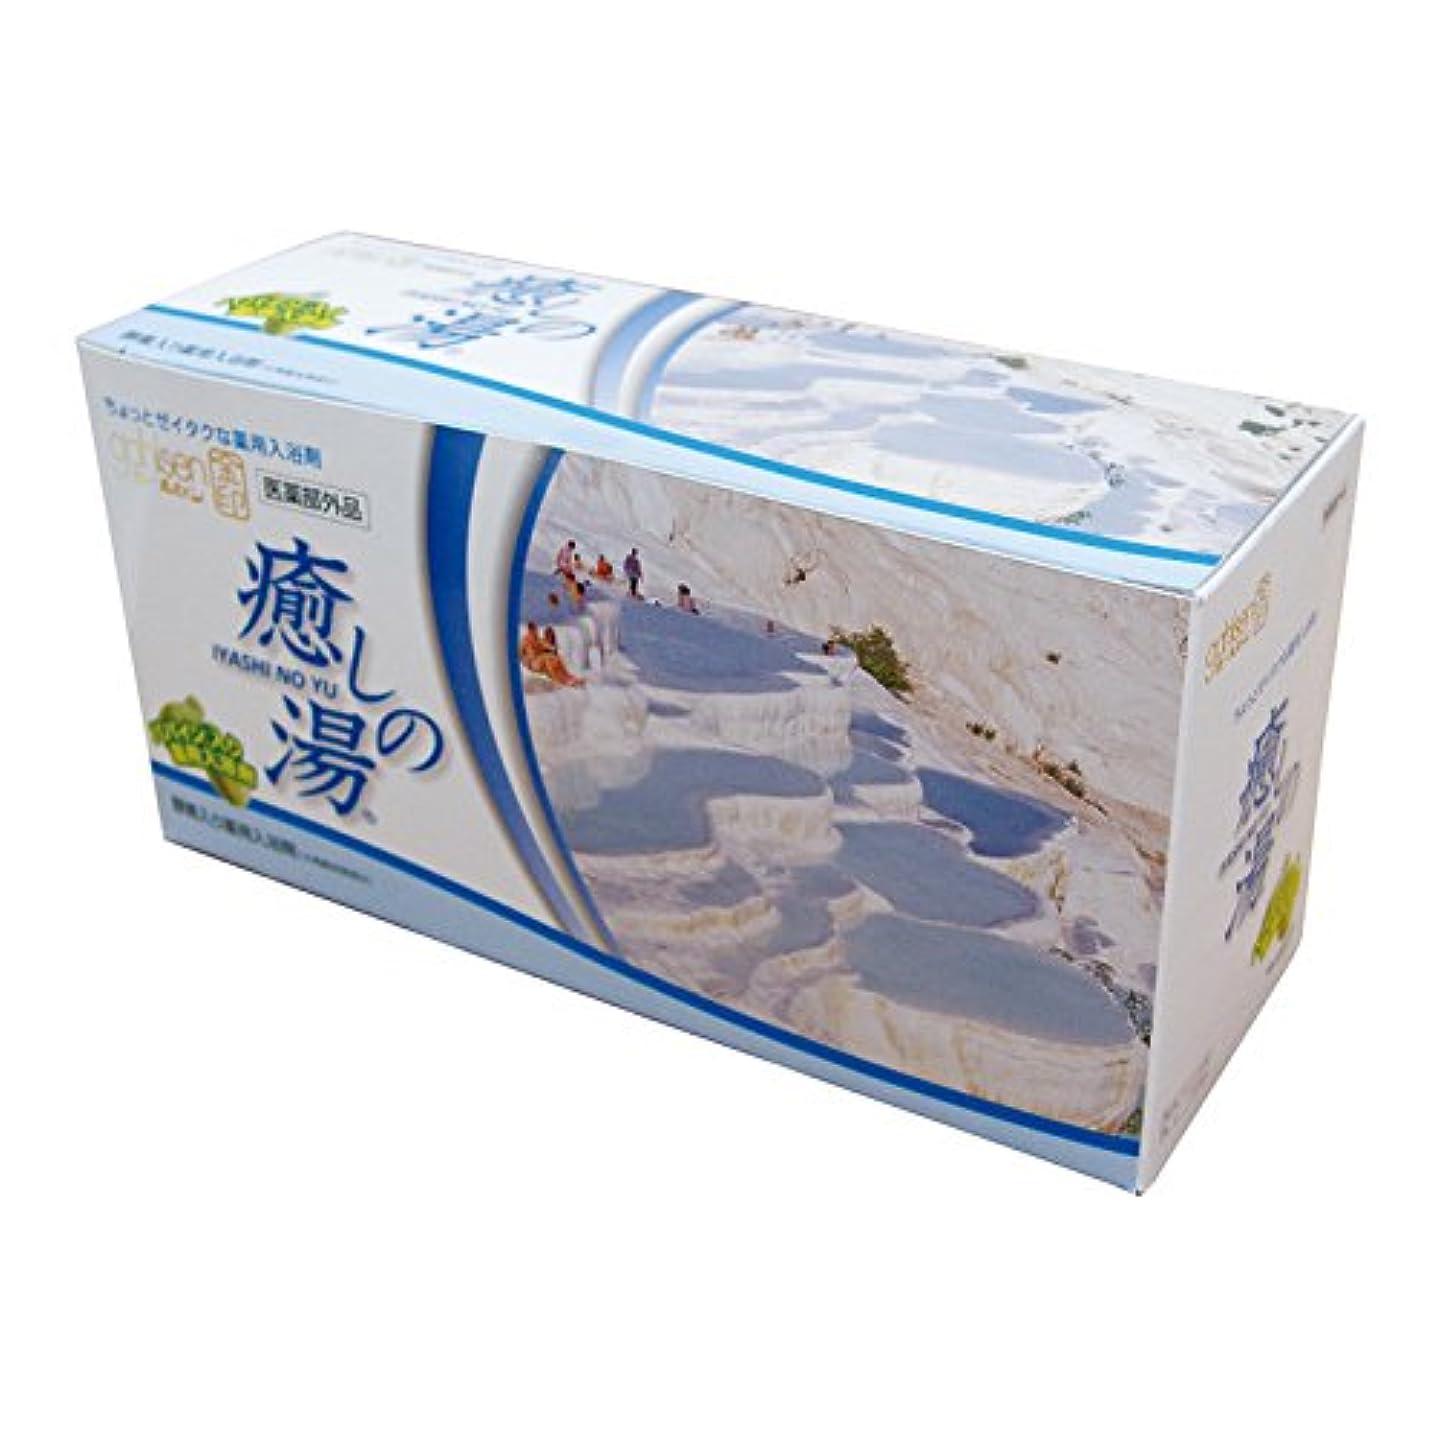 チョップハム昆虫を見るBath Terminal 【入浴剤】ガールセン 癒しの湯 金印 30包入【日本生化学正規代理店】